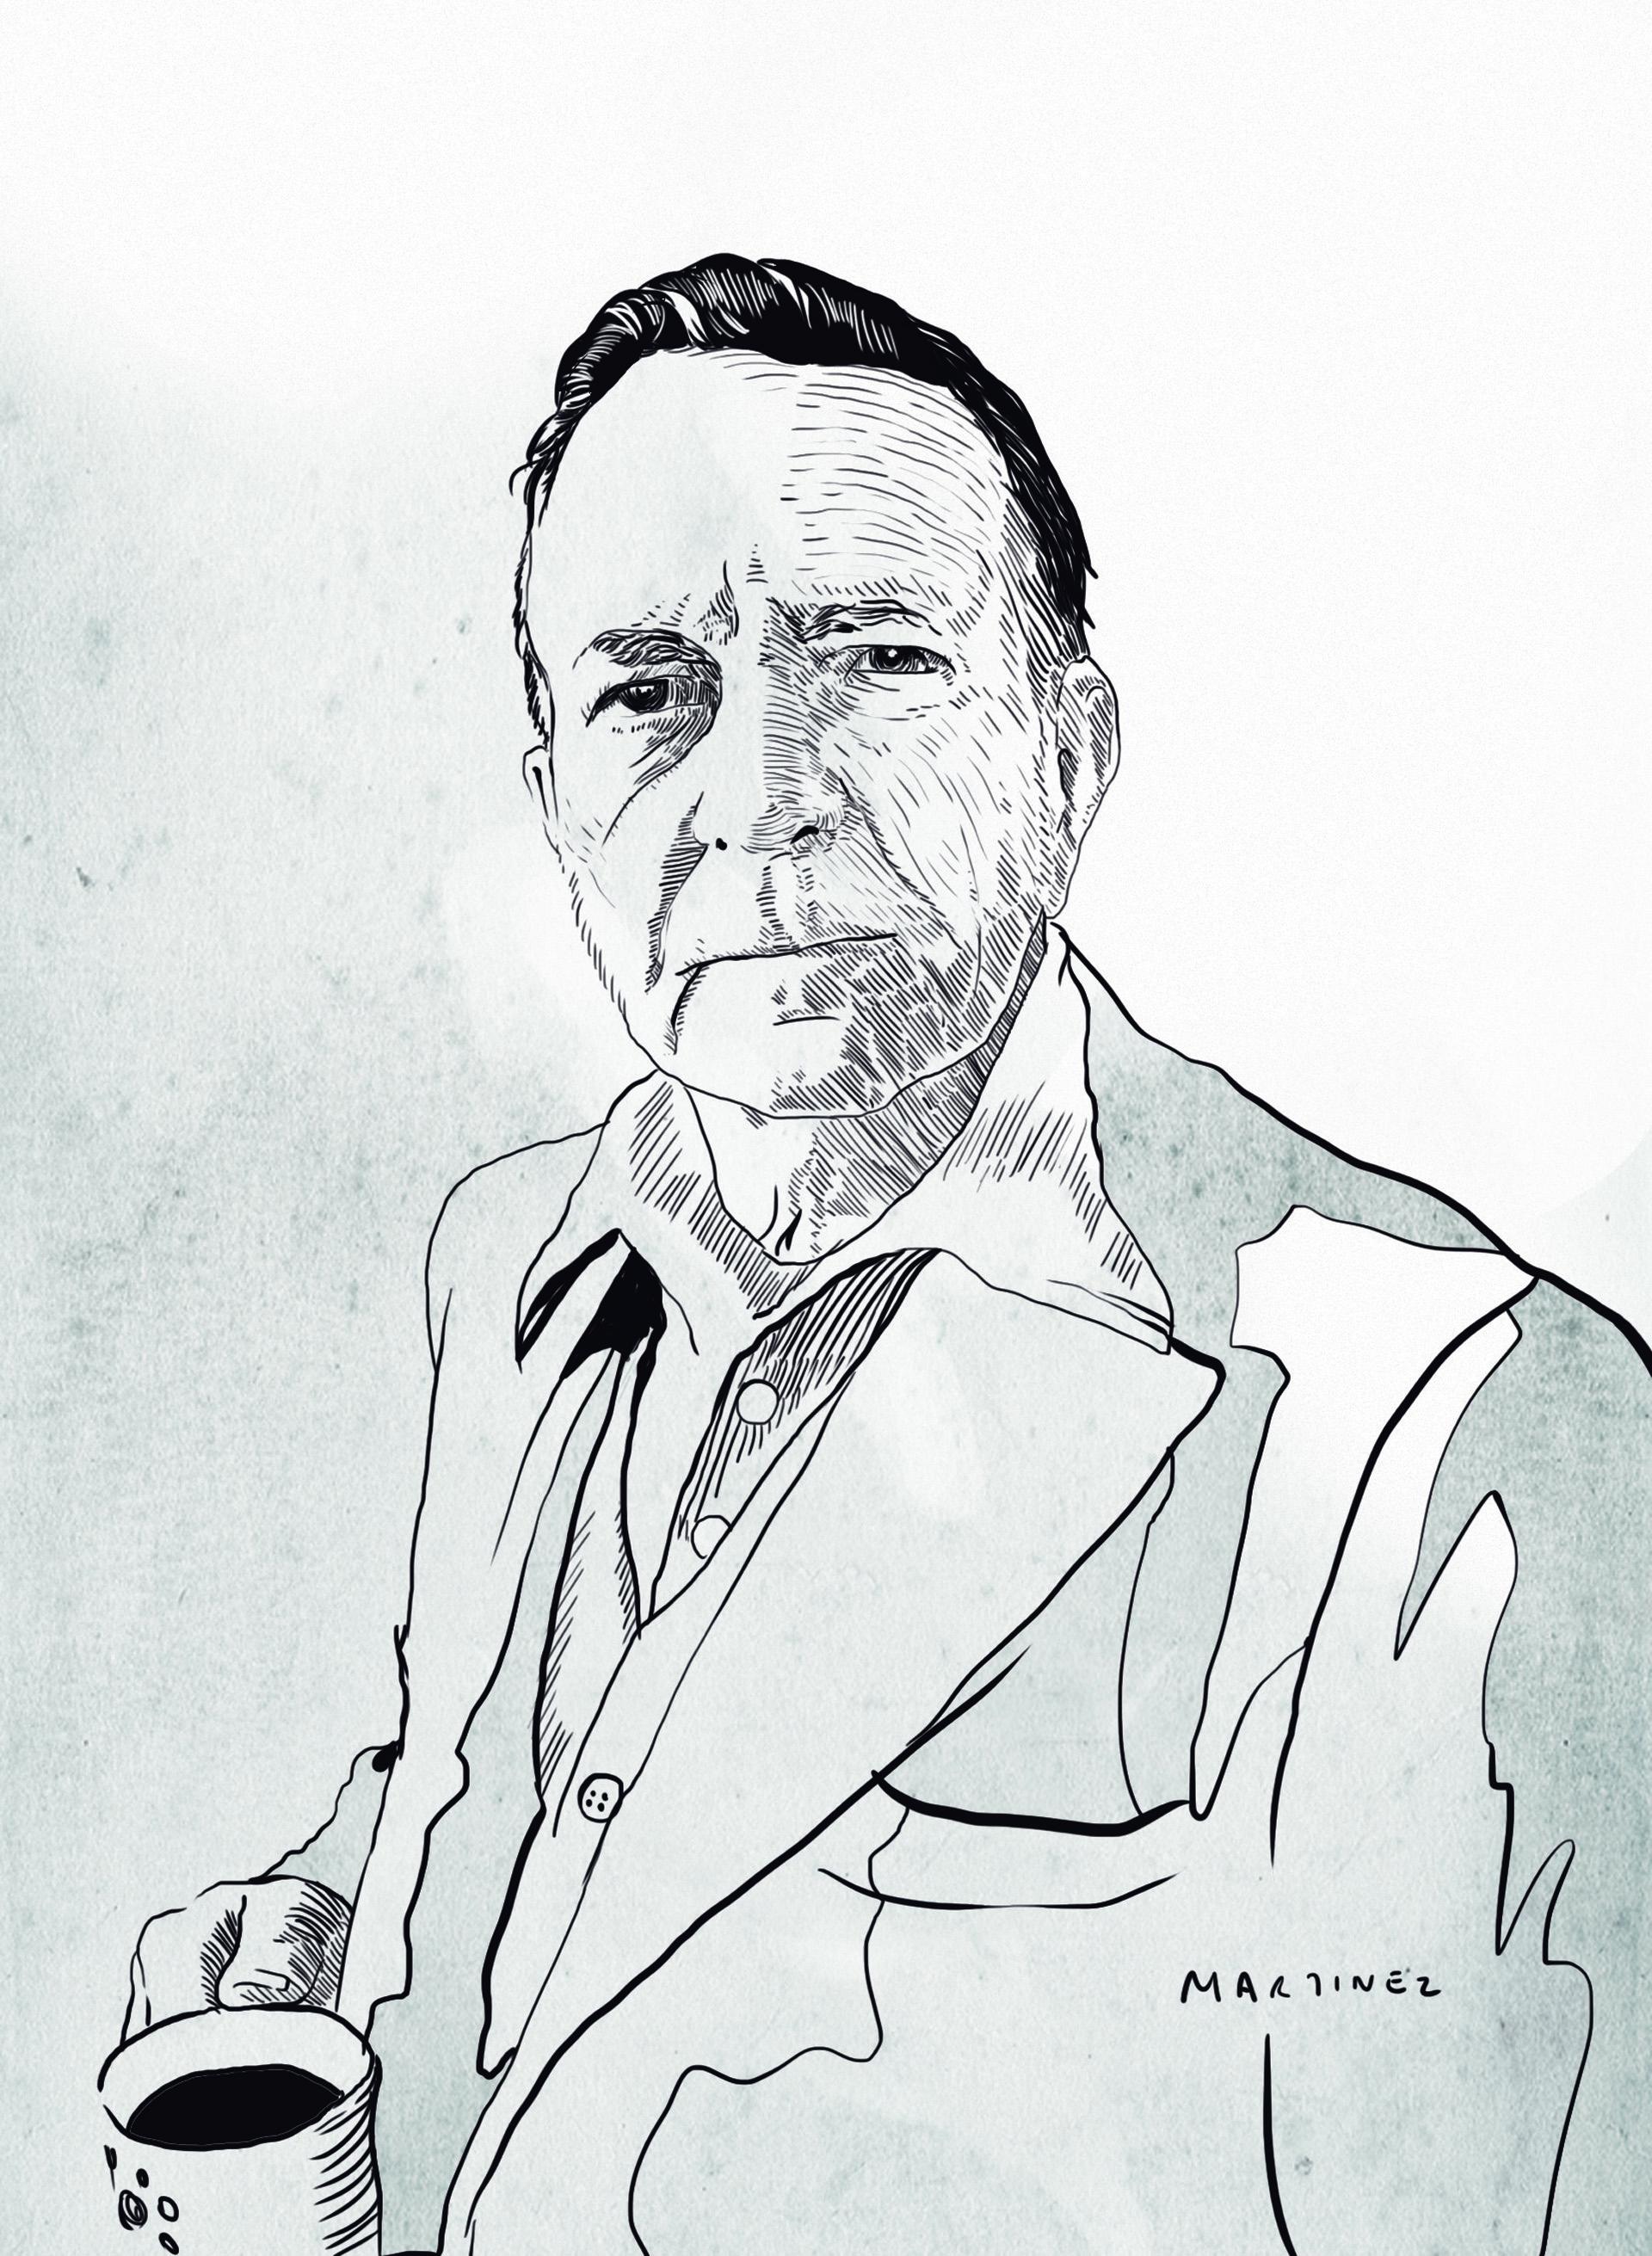 Ilustración: Juan Pablo Martínez